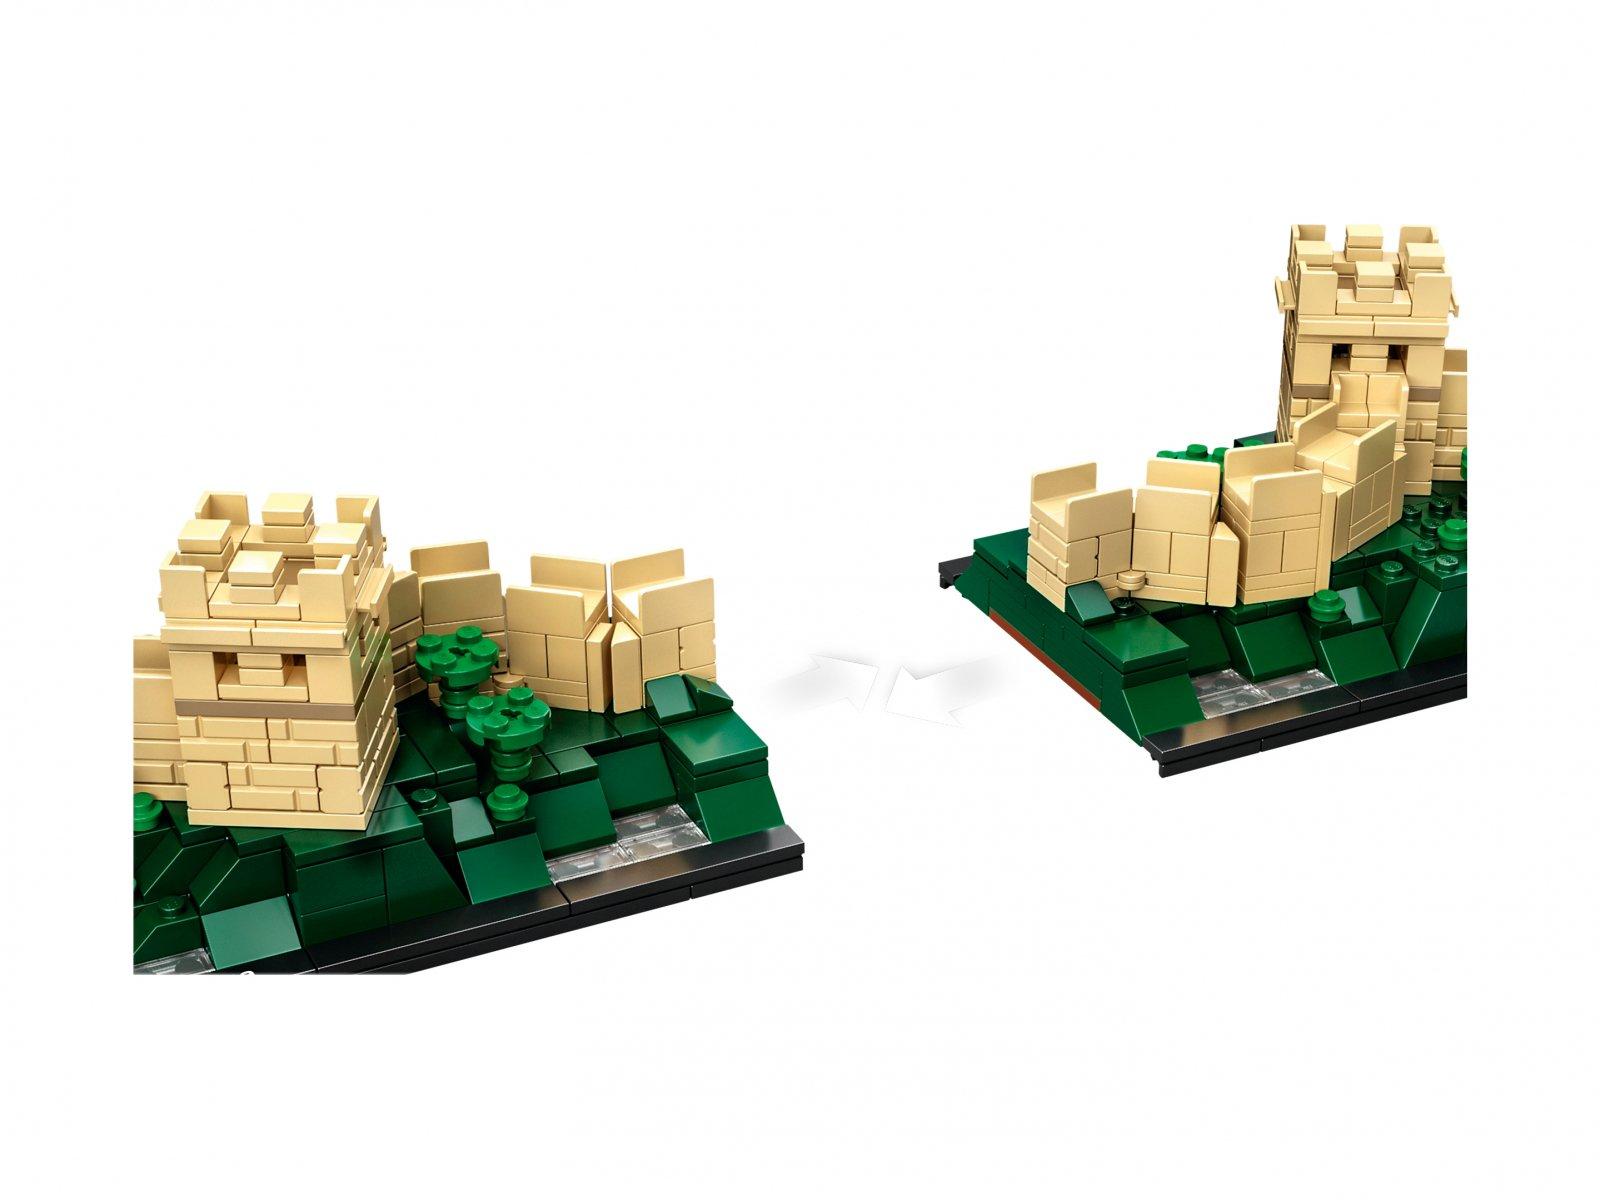 LEGO 21041 Architecture Wielki Mur Chiński